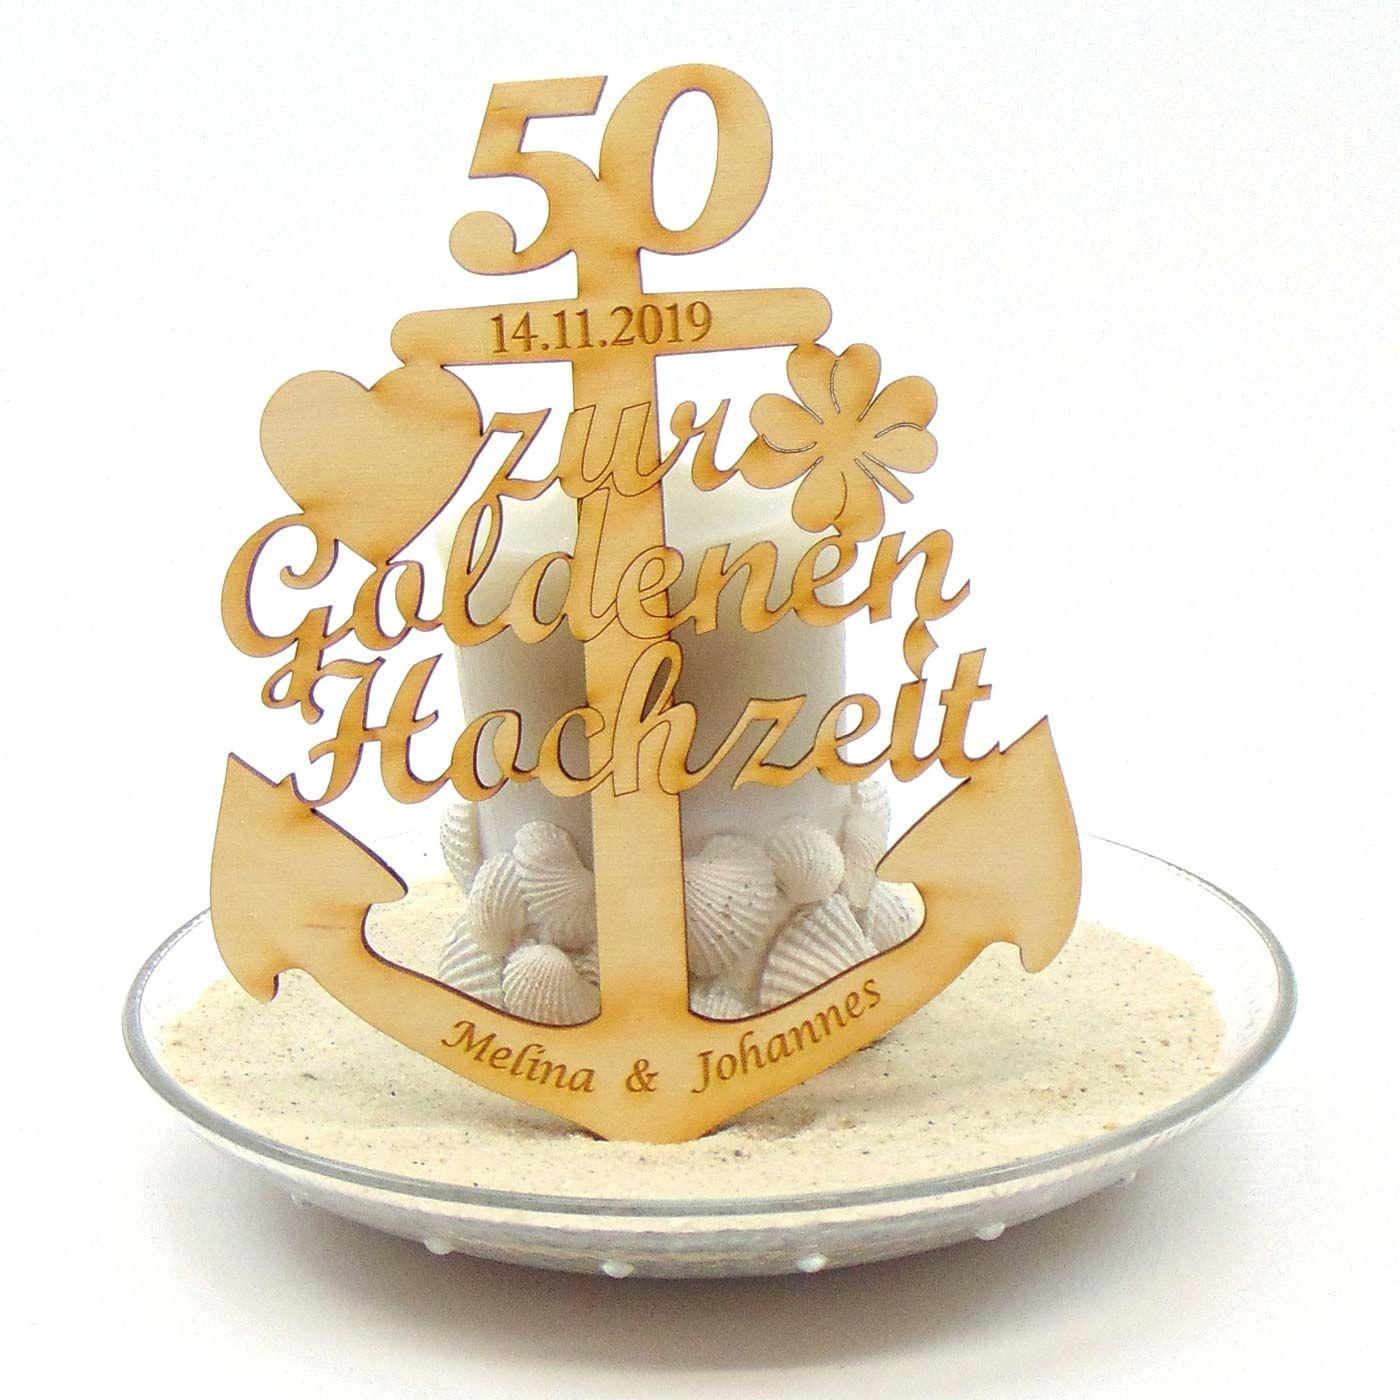 Mit Diesen Top 20 Geschenken Zur Goldenen Hochzeit Liegt Ihr Ganz Sicher Immer Goldrichtig Geschenke Zur Goldenen Hochzeit Goldene Hochzeit Hochzeit